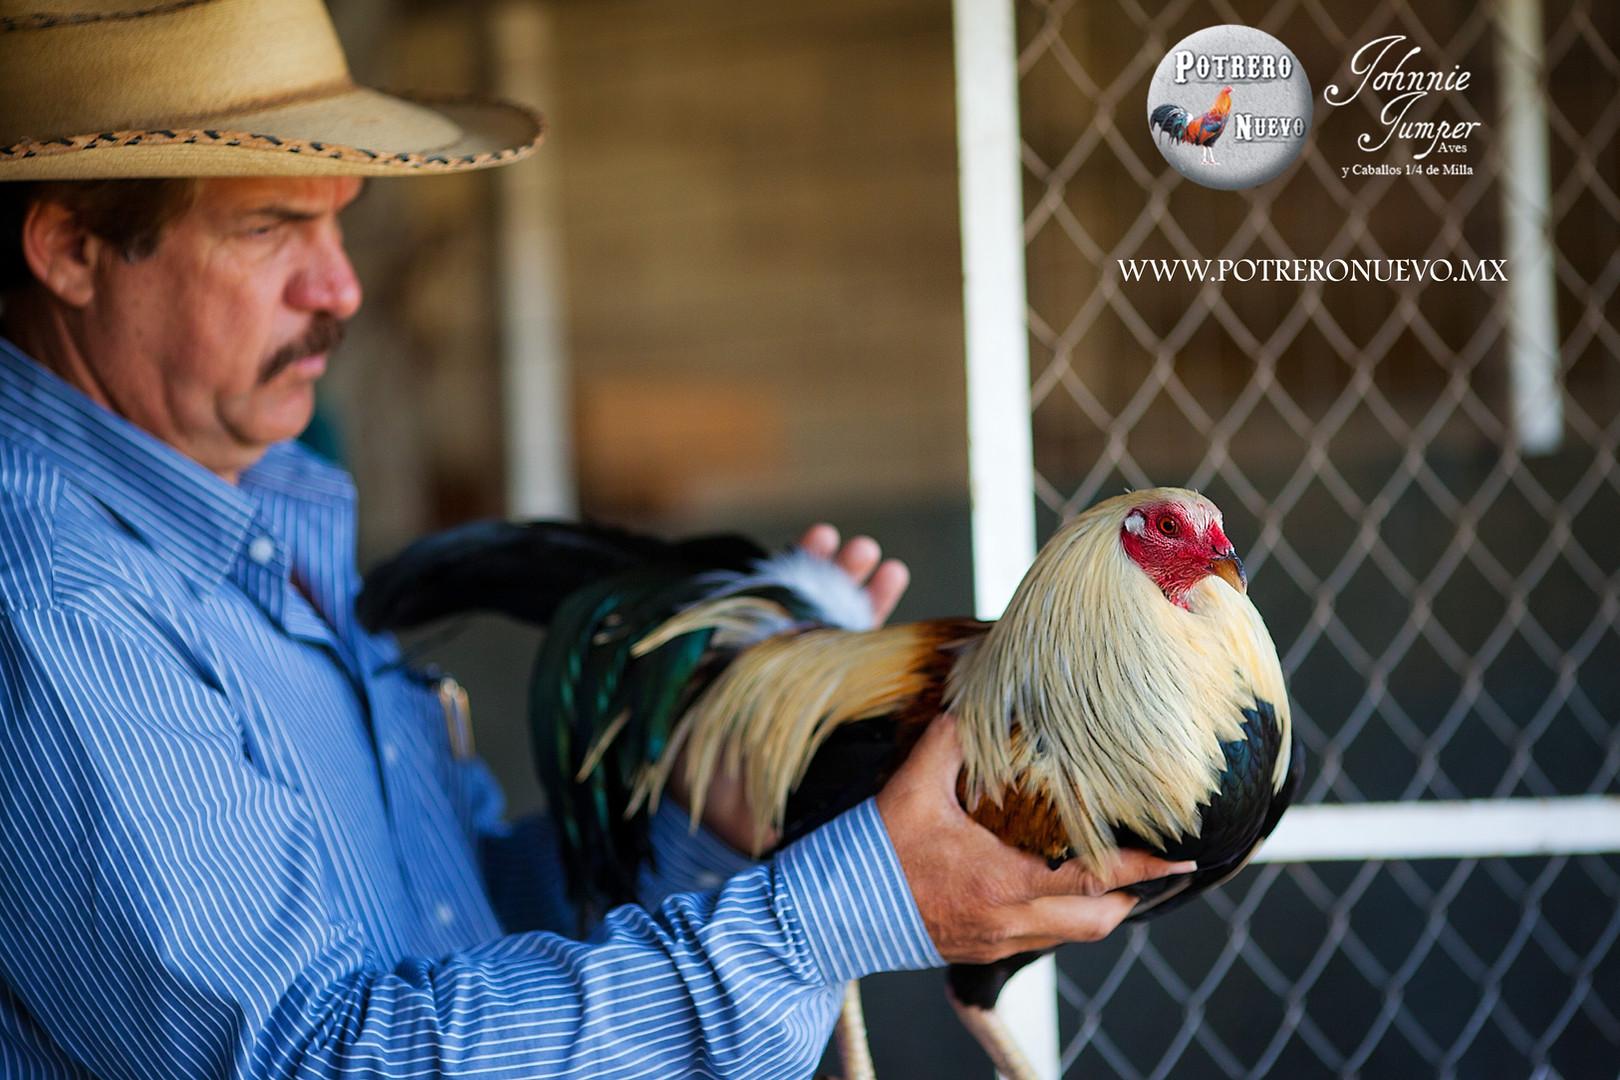 Potrero Nuevo - Criadero de Gallos de Co